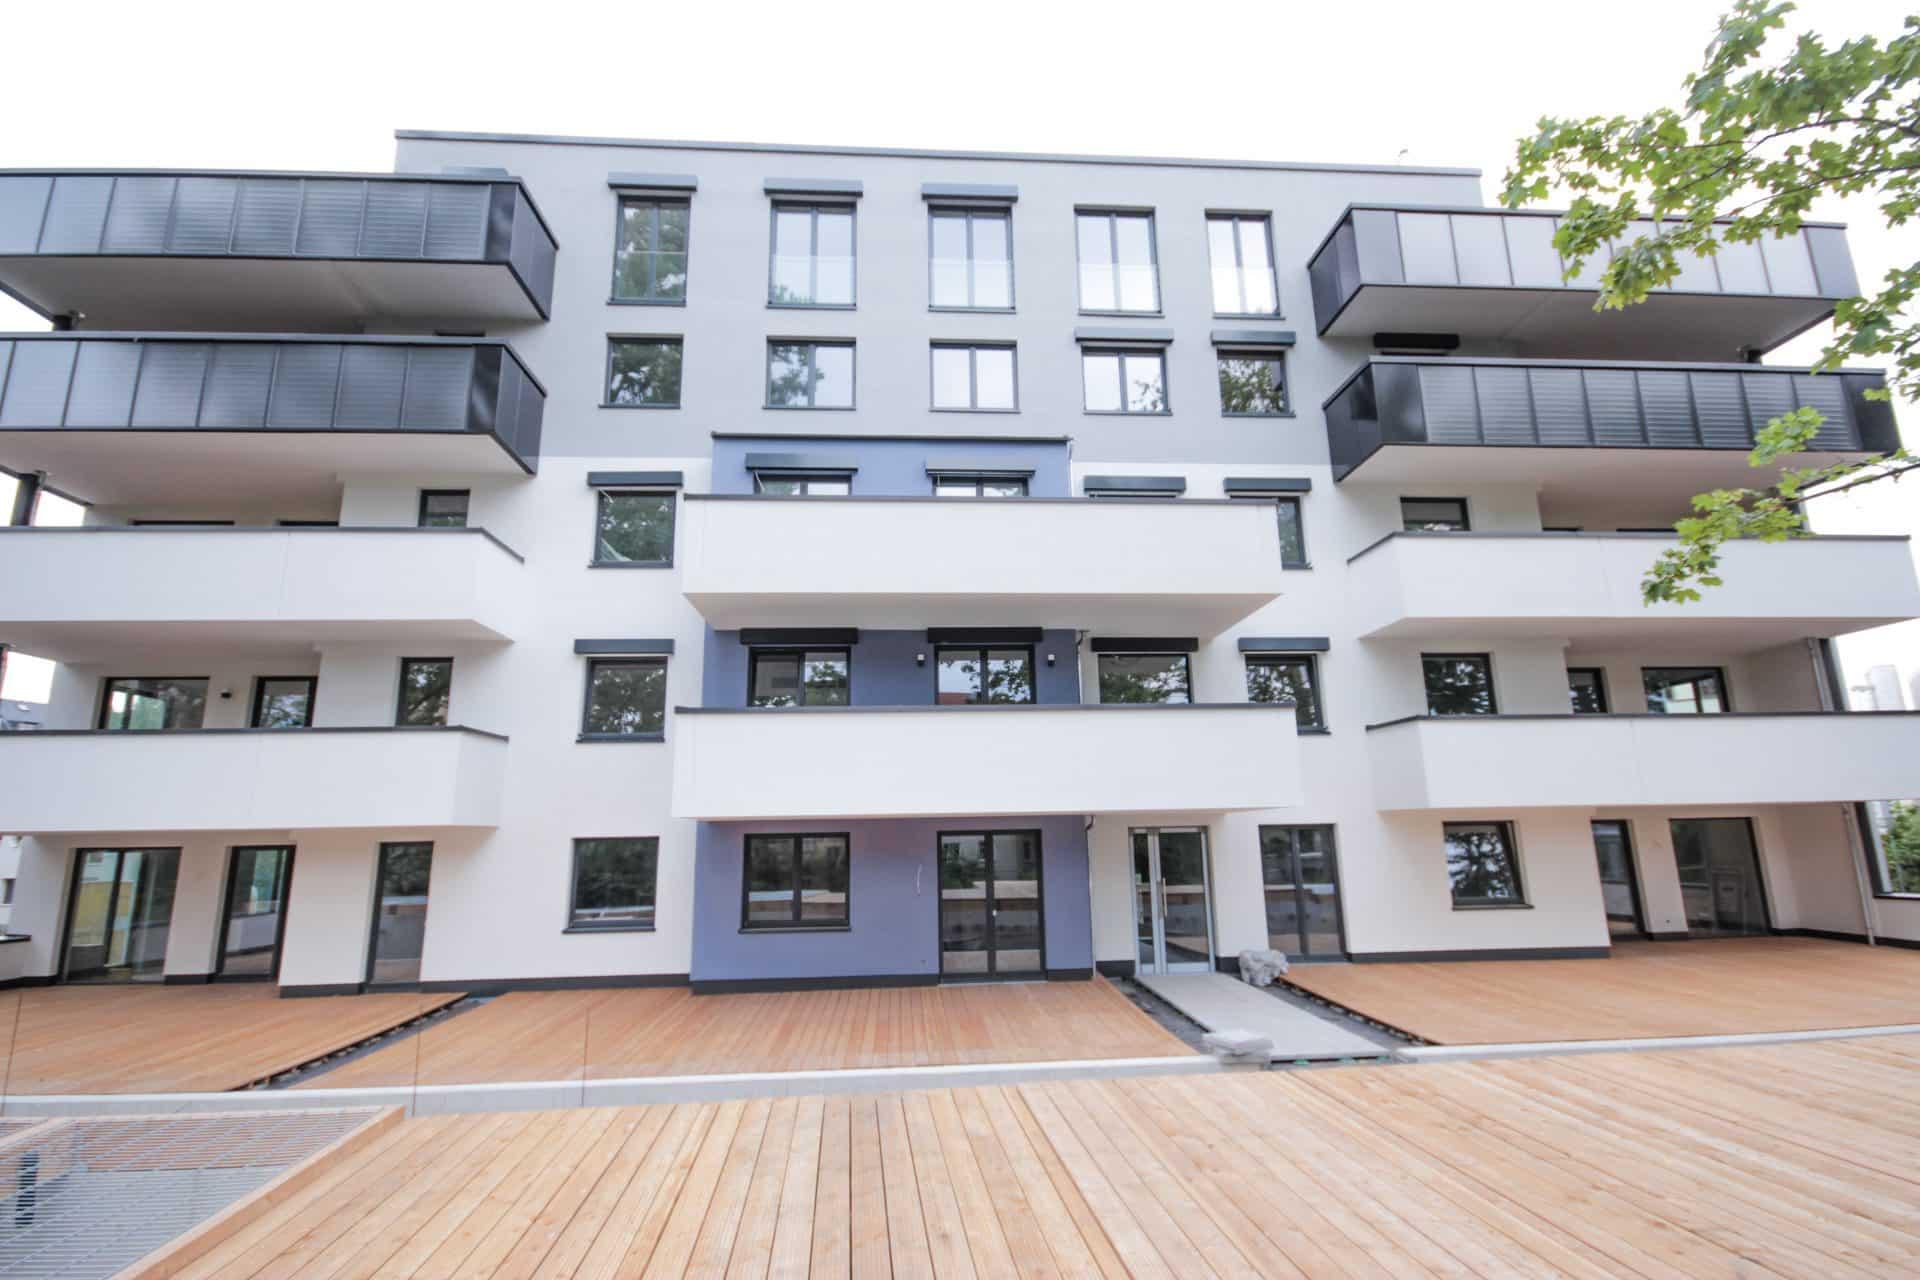 St Referenzobjekt Chemnitz Terrassen 2